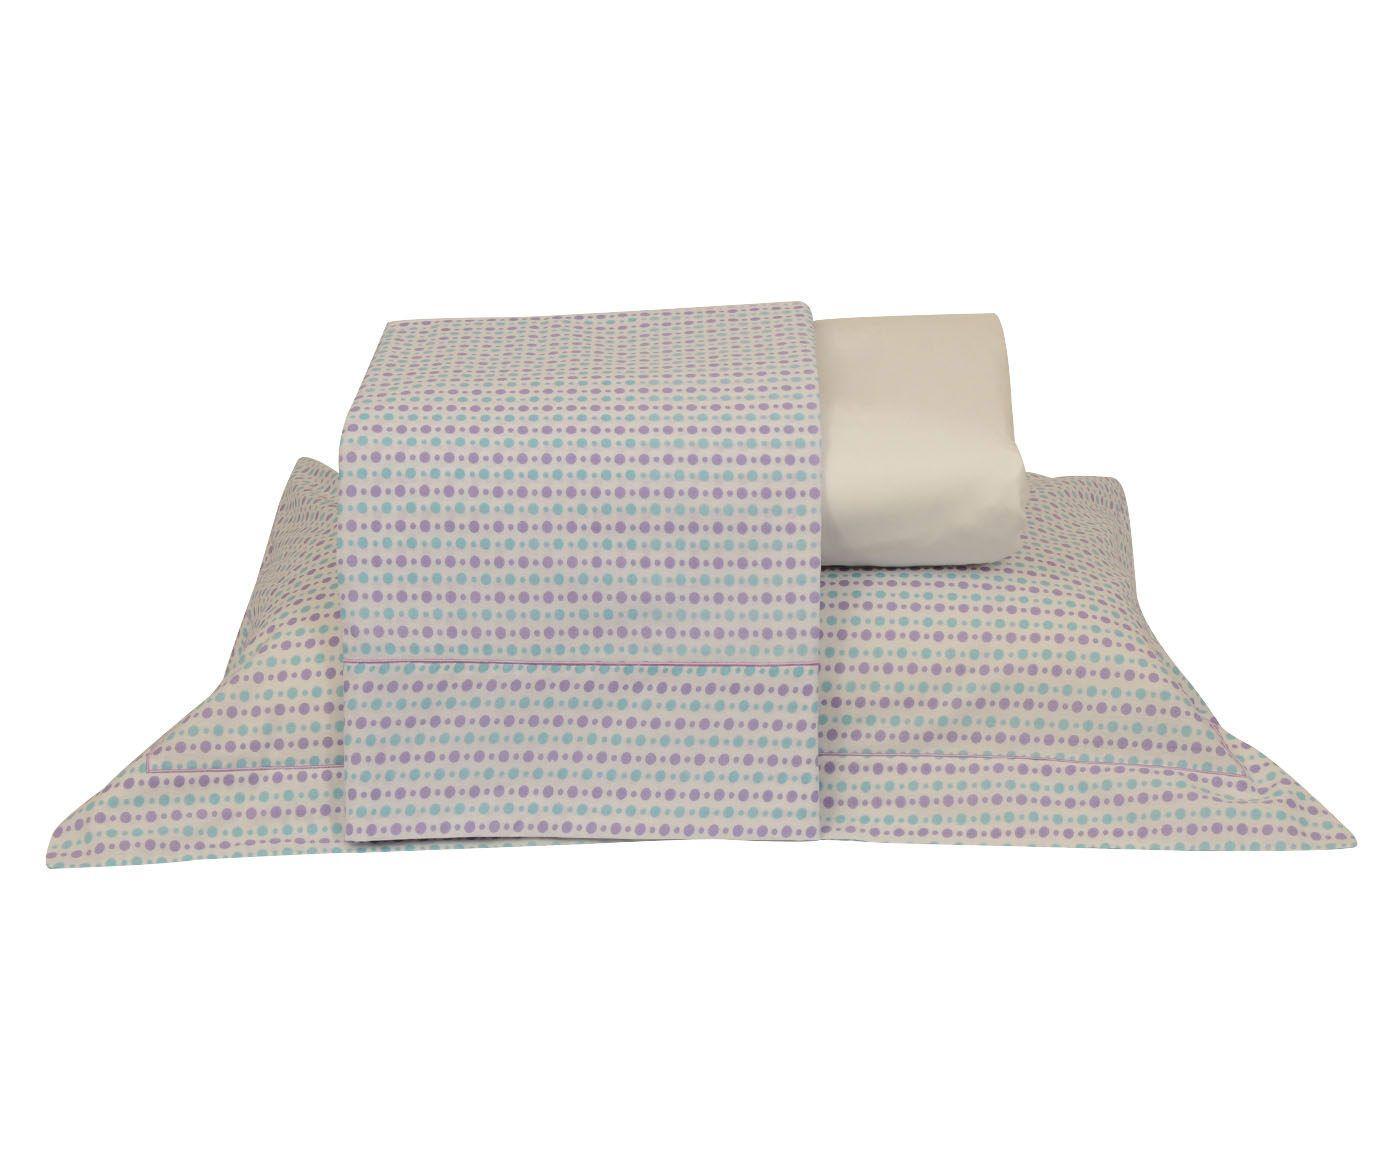 Jogo de lençol versatt poá para cama king size 150 fios | Westwing.com.br